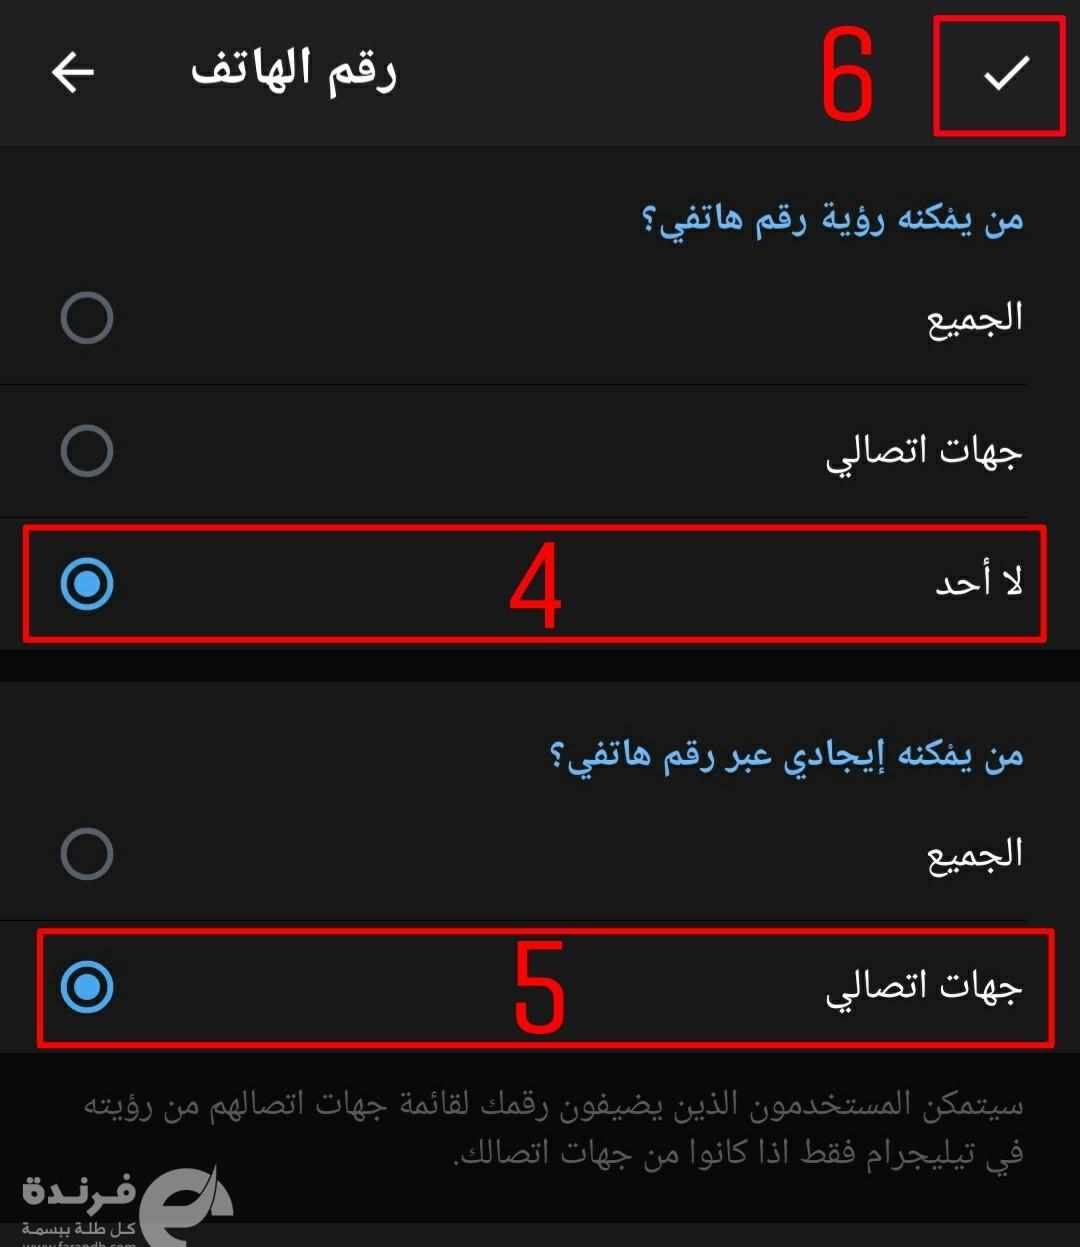 طريقة ضبط اعداداتك علي تليجرام بعد التحديث الجديد 2